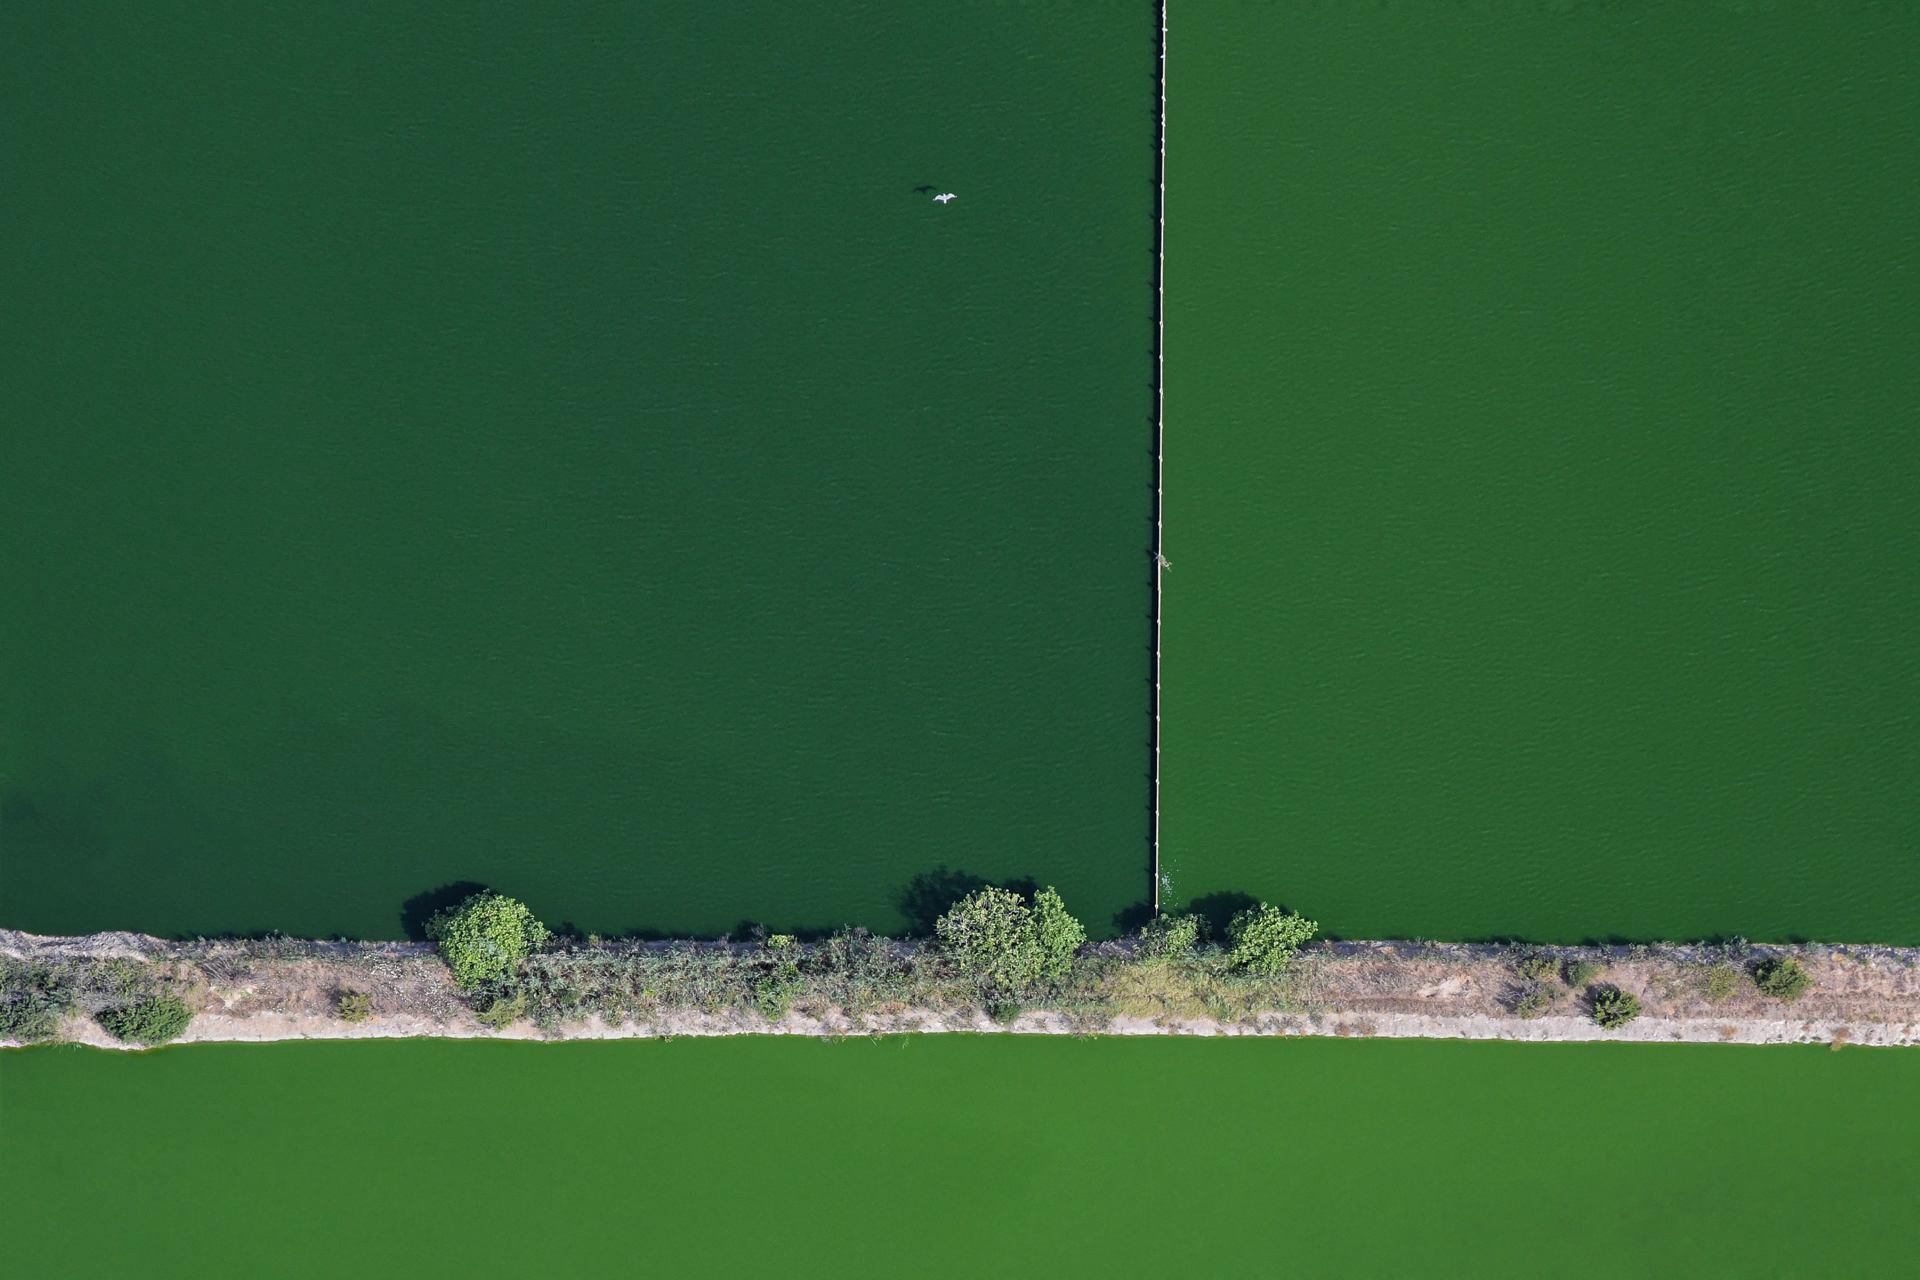 Mouette sur fond vert